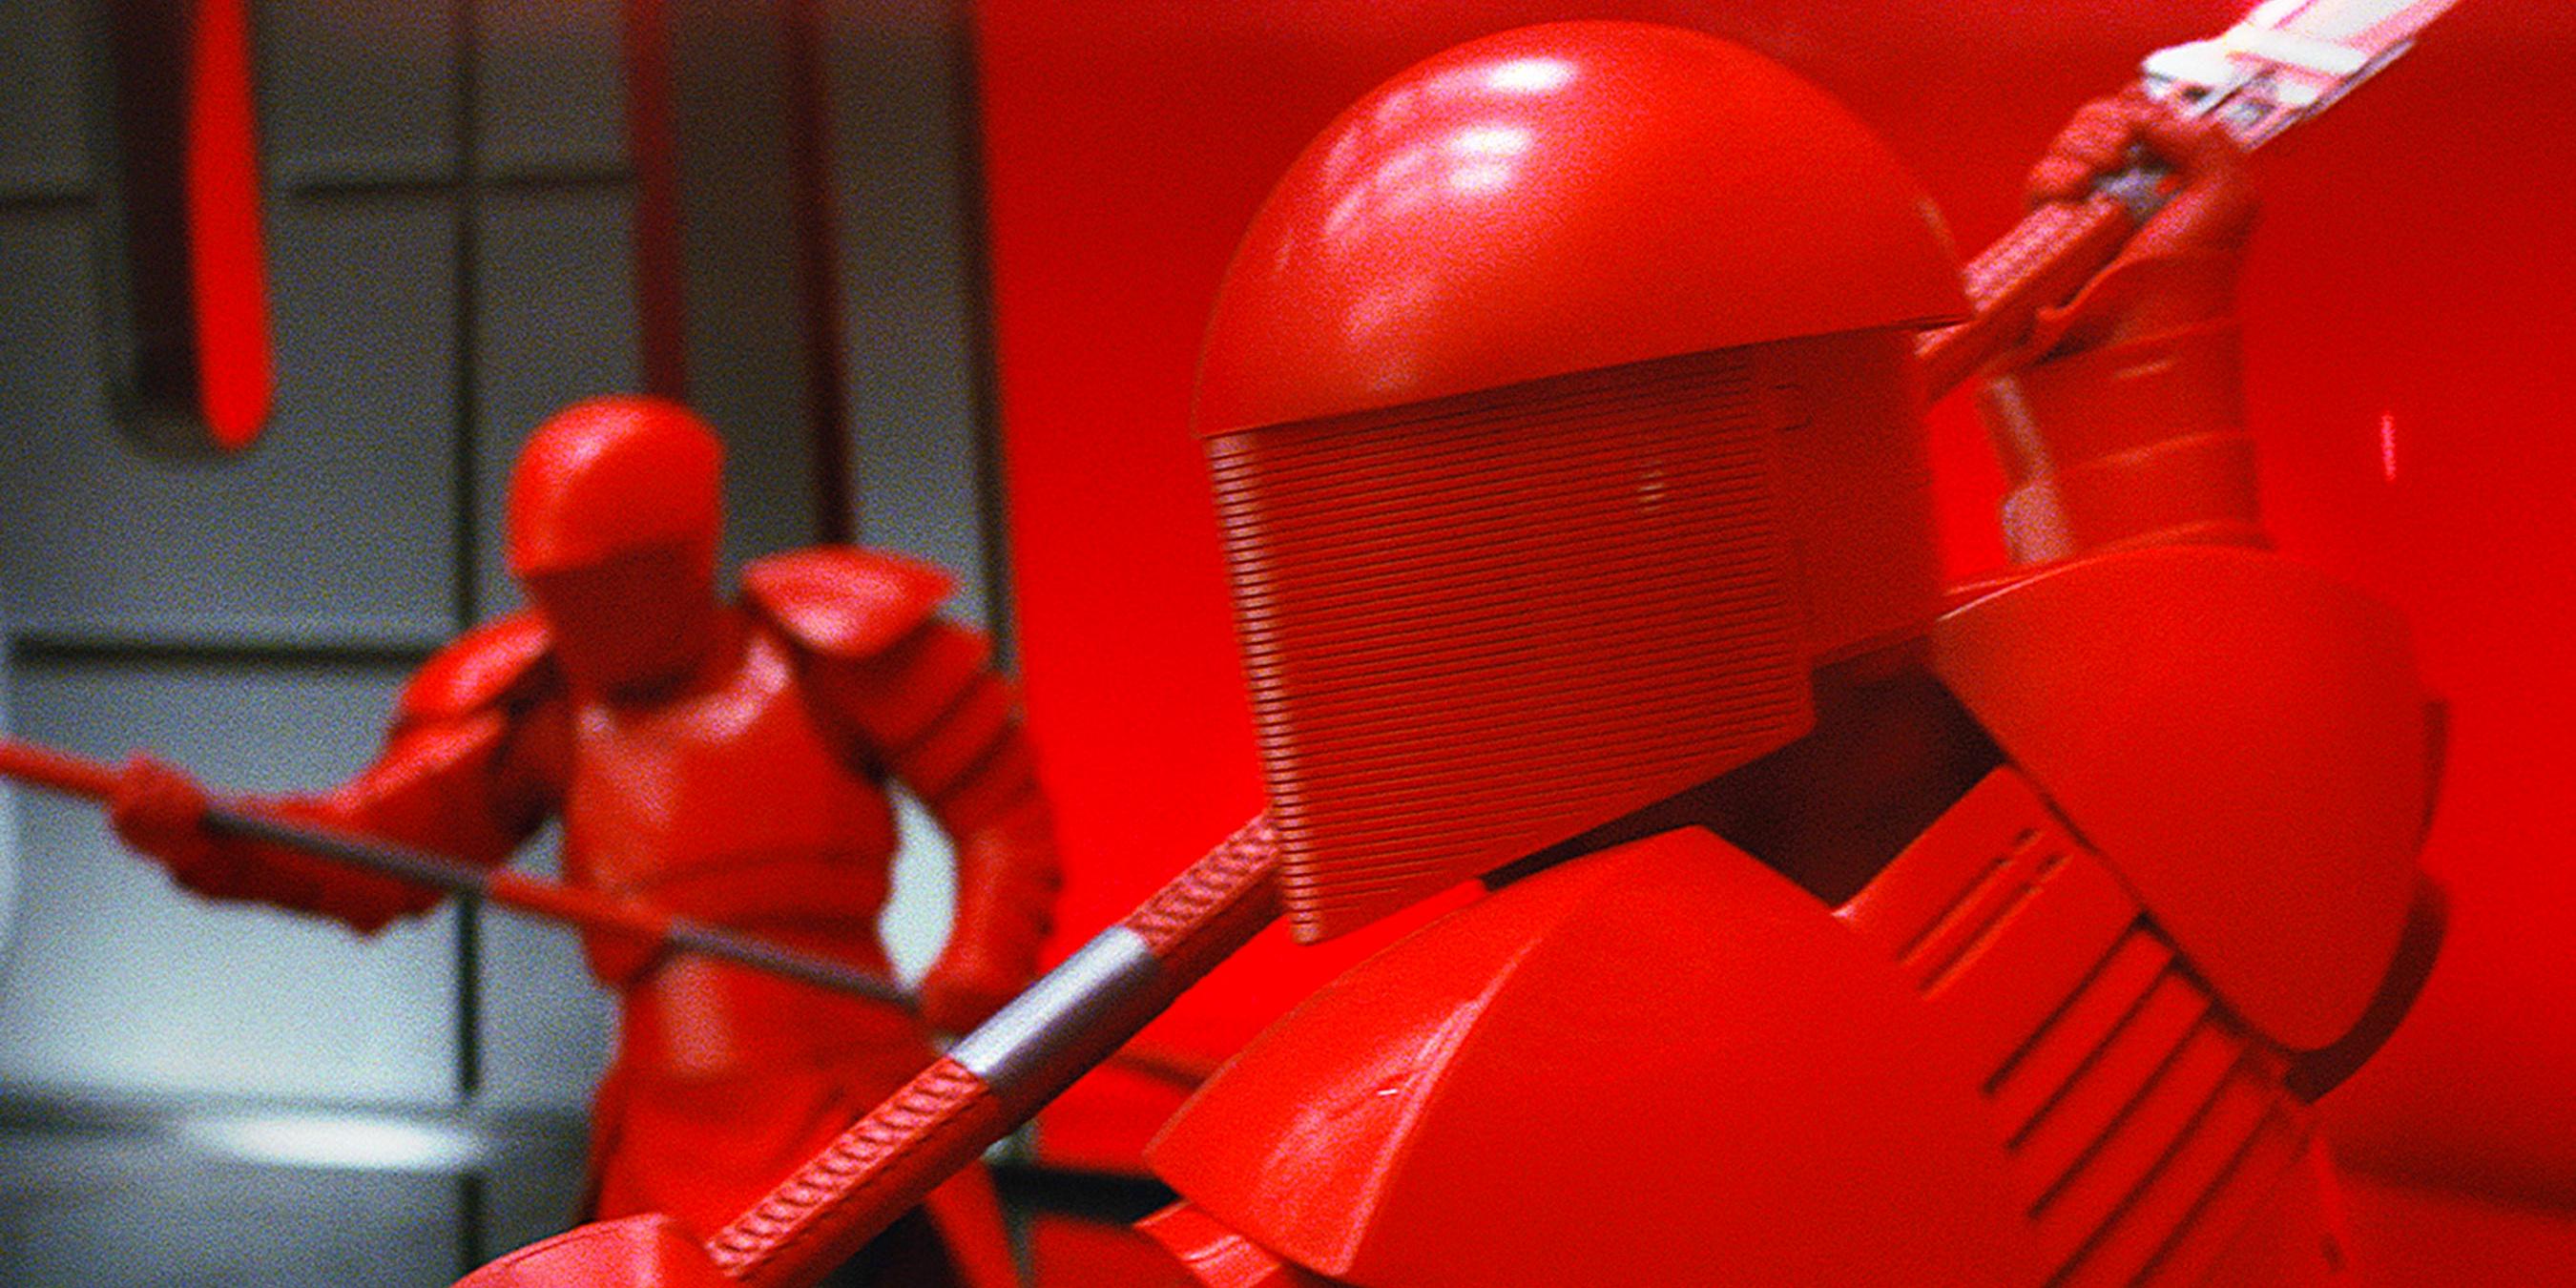 Snoke's Praetorian Guards in Star Wars The Last Jedi